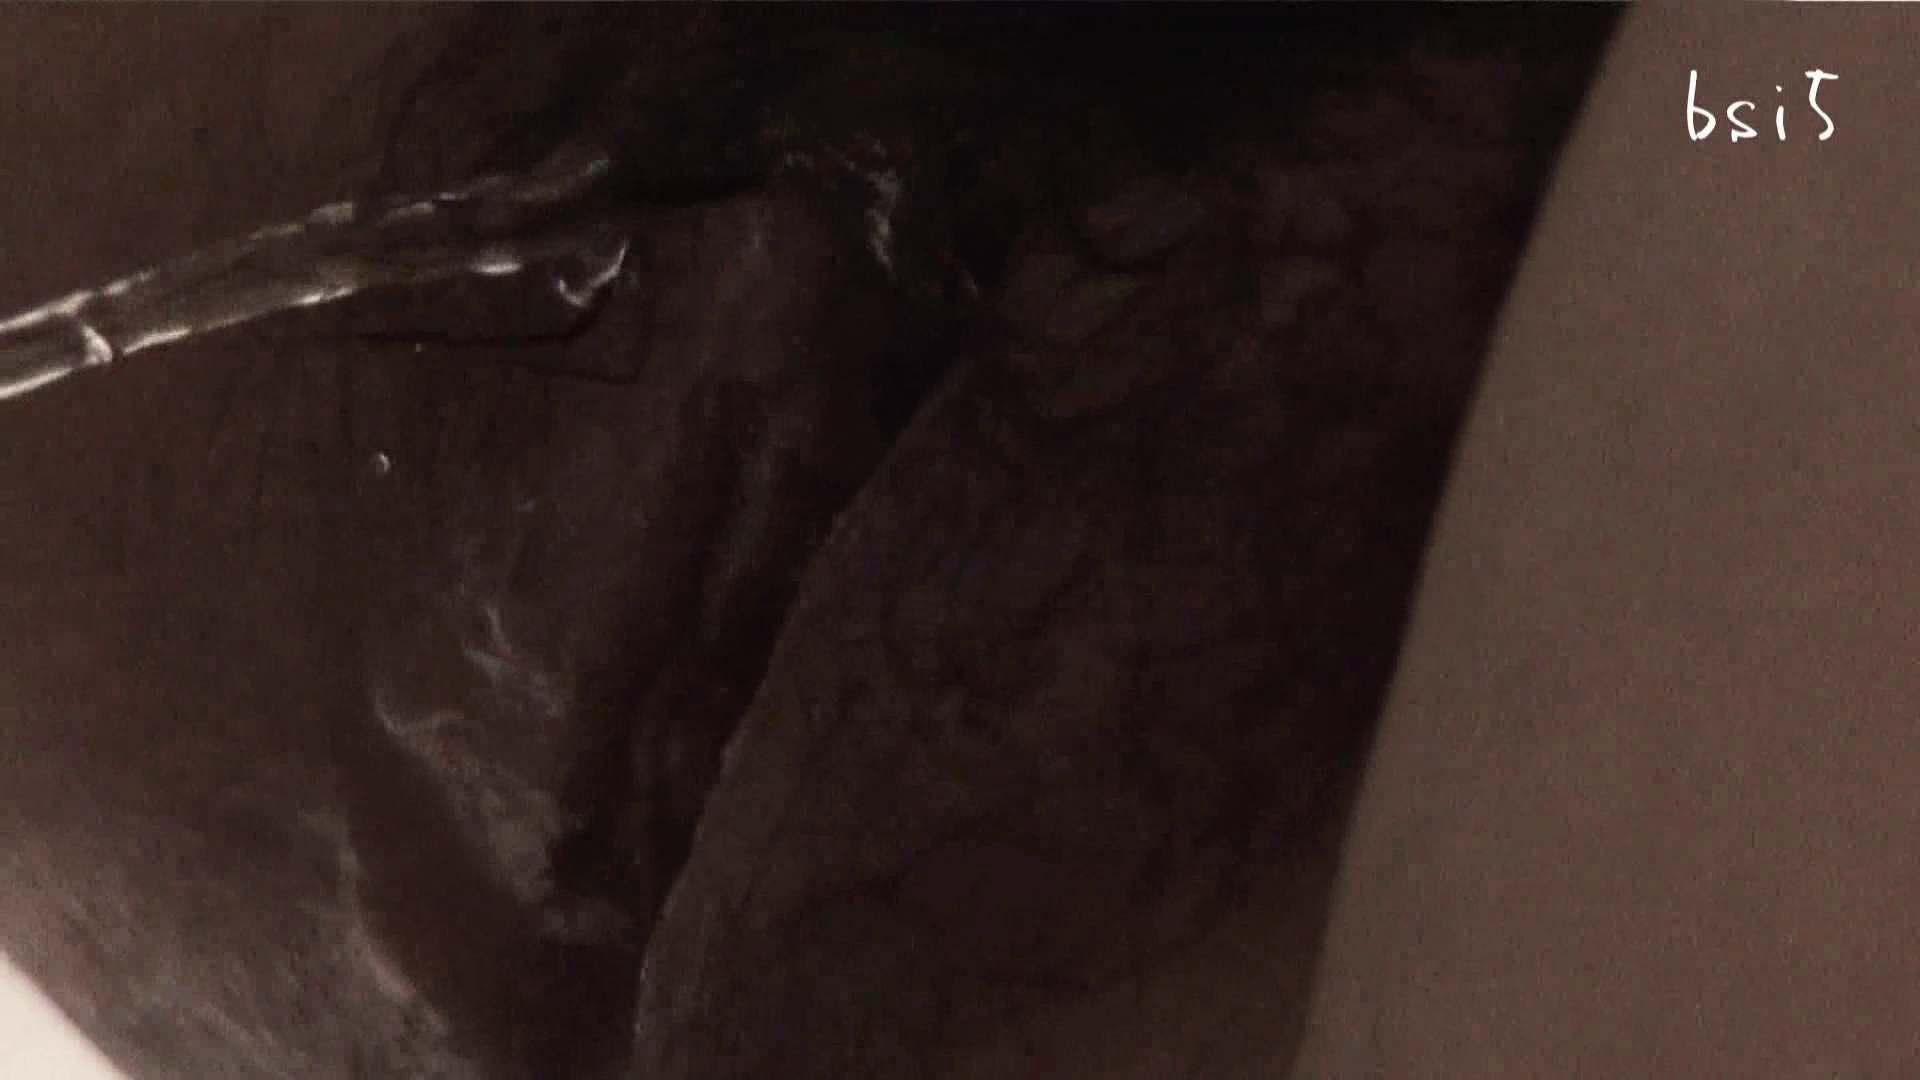 ナースのお小水 vol.005 ナースのエロ動画 のぞき 112PIX 52